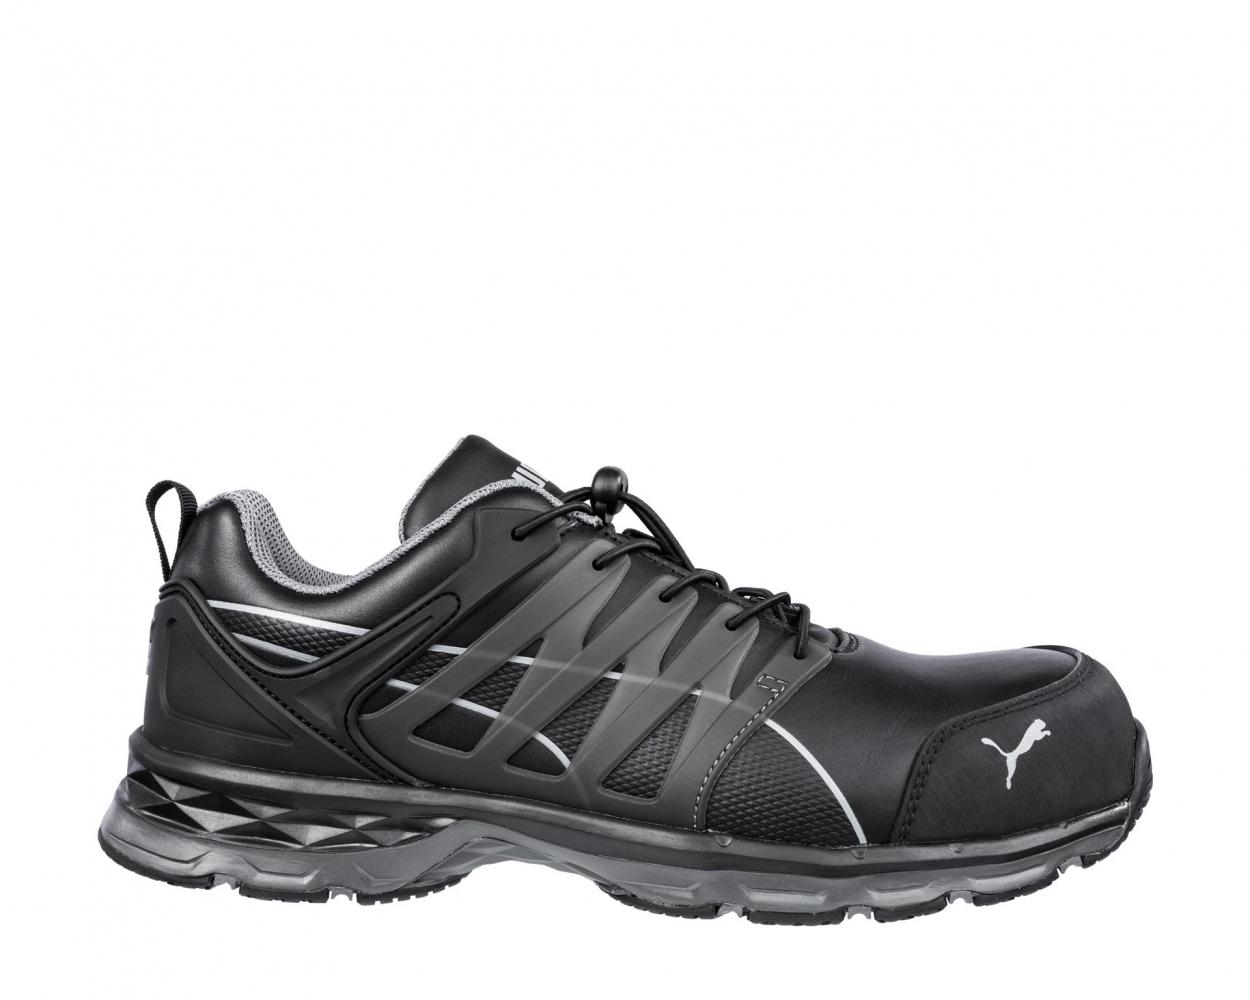 grossiste c3fd3 d47c6 PUMA 643840 VELOCITY 2.0 BLACK LOW chaussures de sécurité S3 ESD HRO